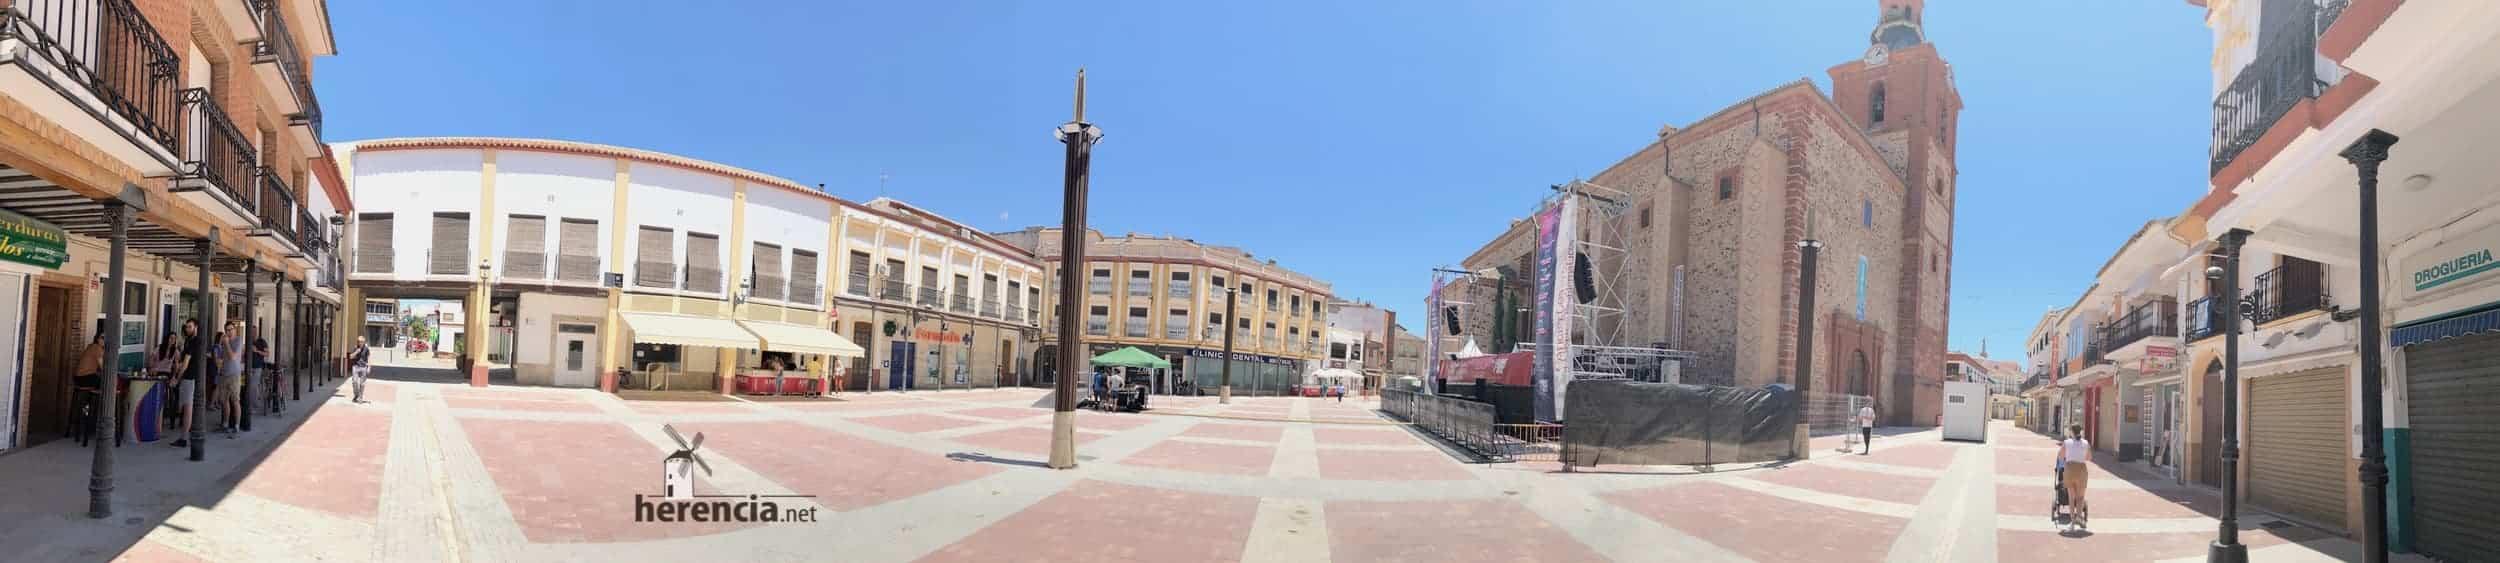 DVICIO llena una renovada Plaza de España en Herencia 41